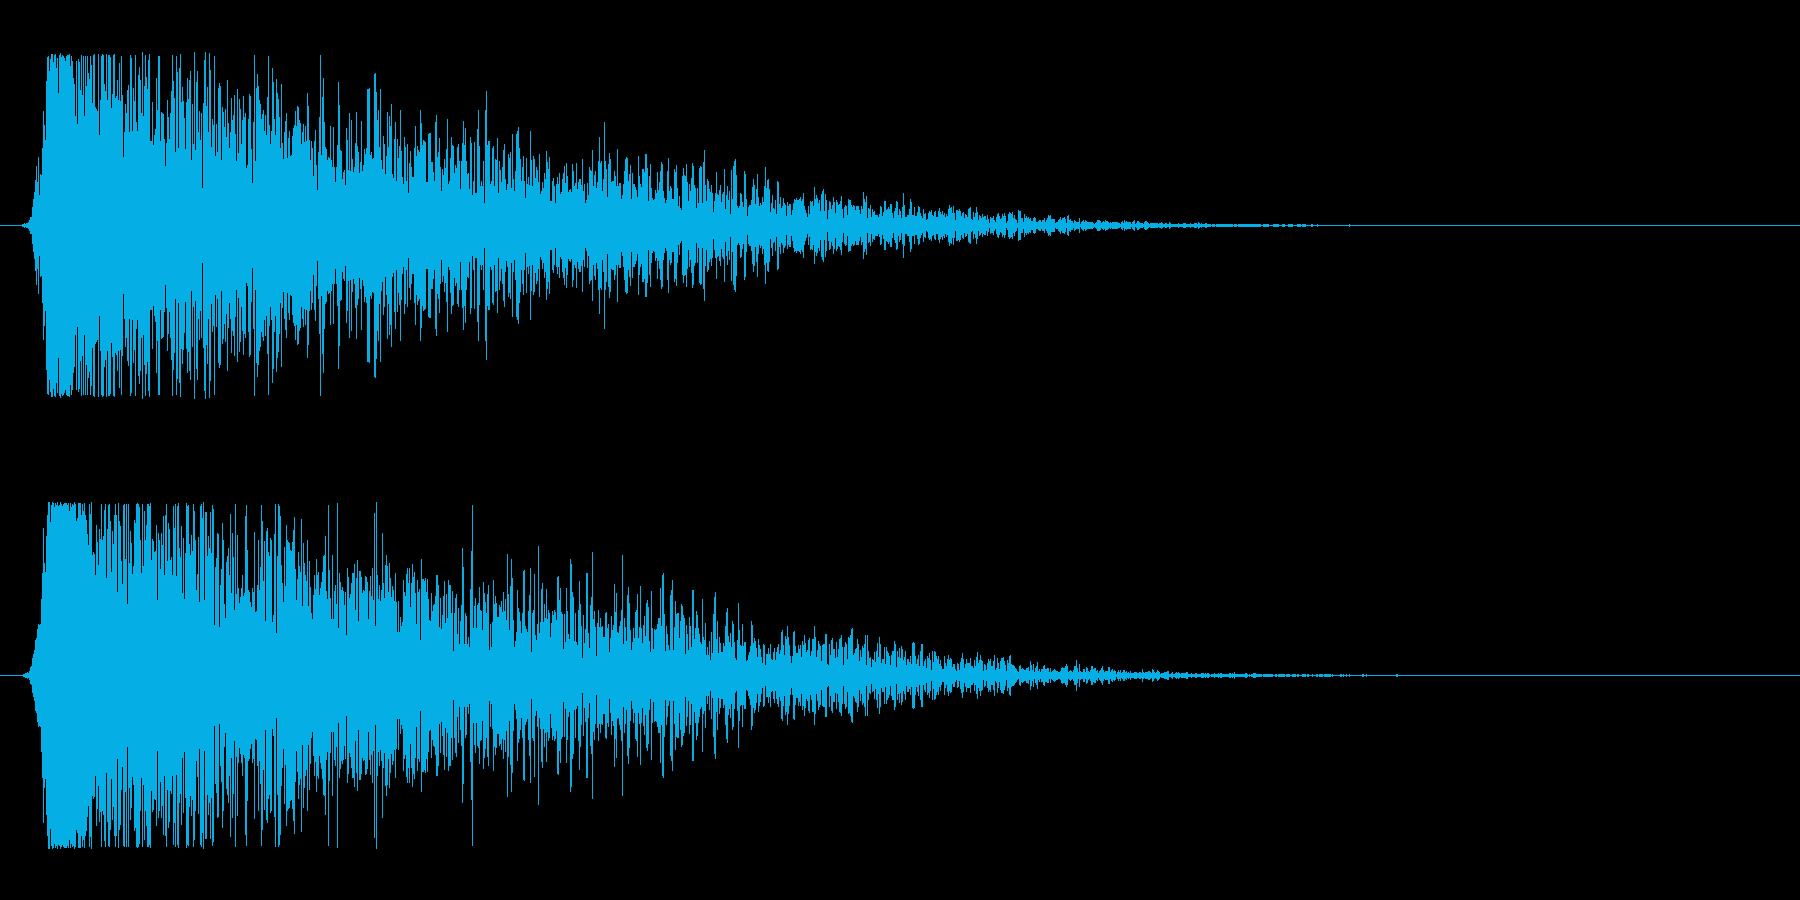 シュードーン-15(インパクト音)の再生済みの波形